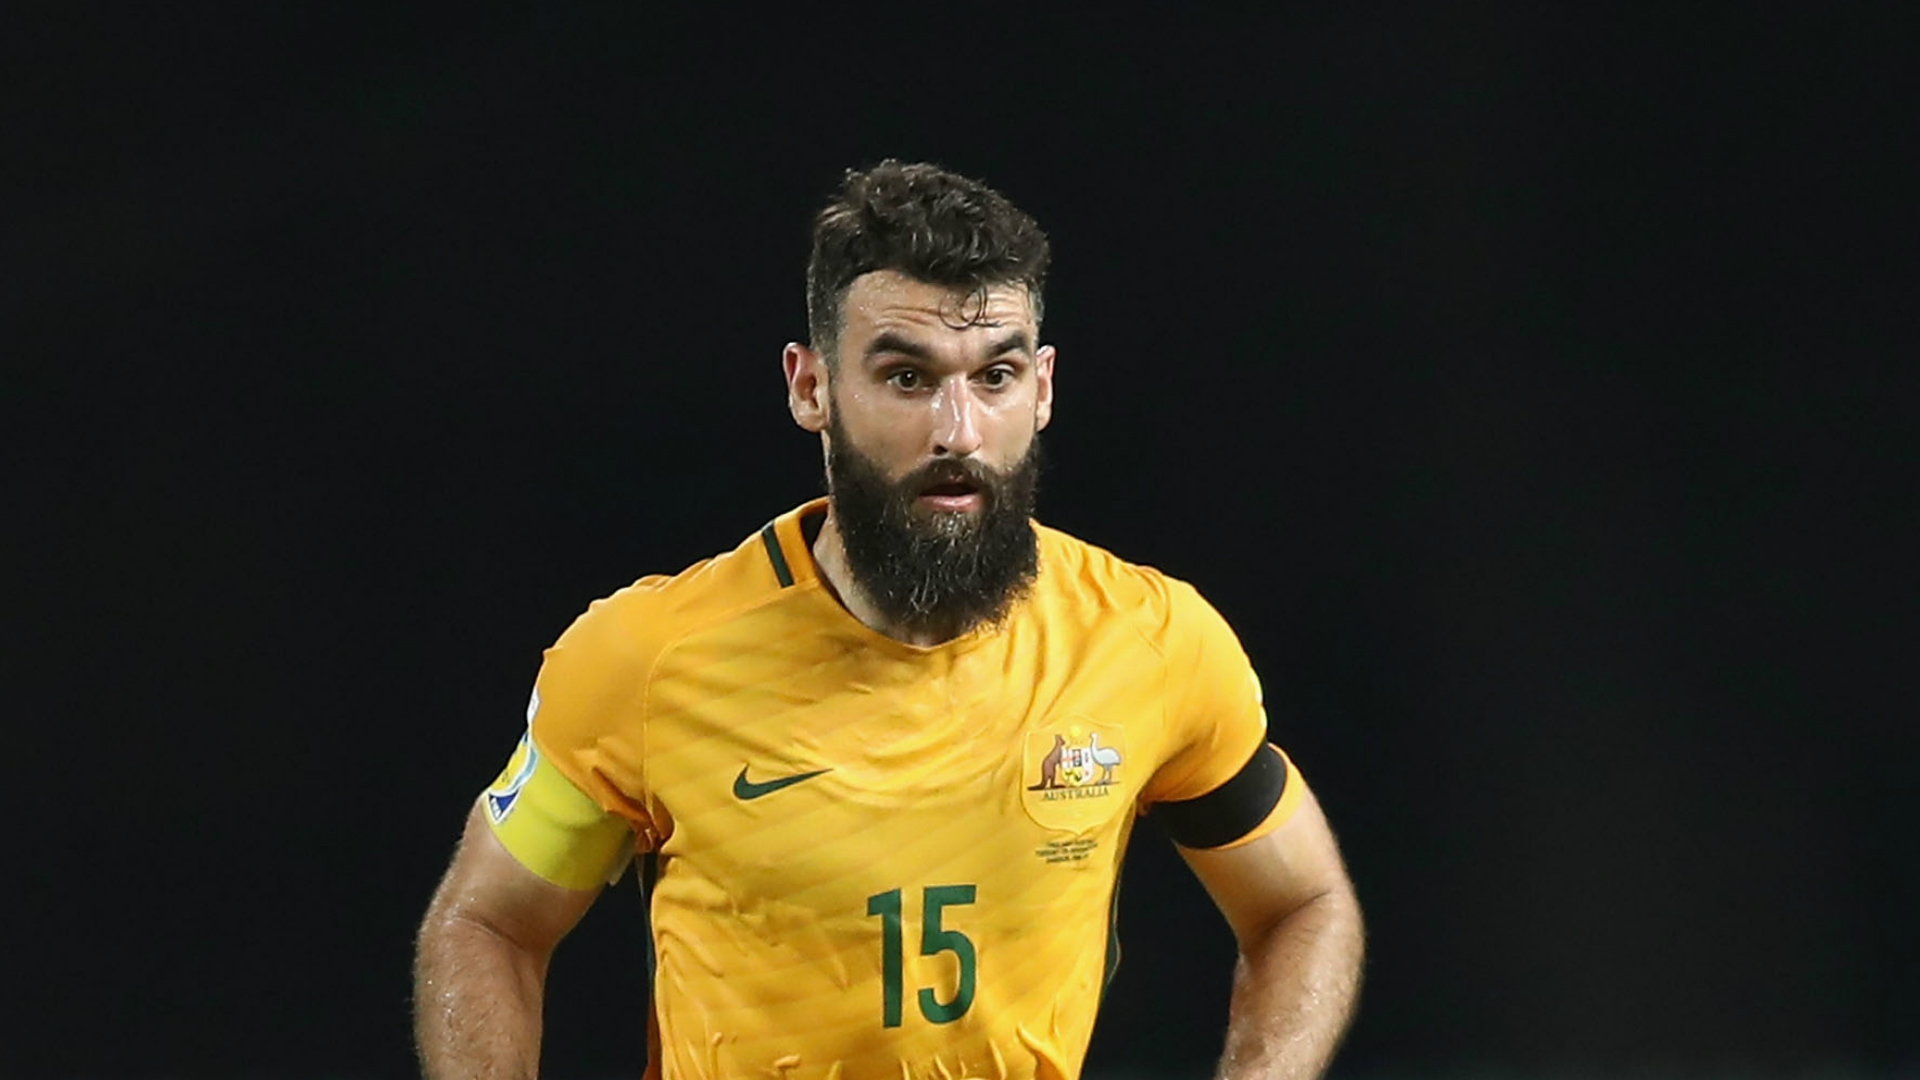 Mile-jedinak-thailand-v-australia-world-cup-qualifying-15112016_eudtsiygyq5y1hh1ezce428bb